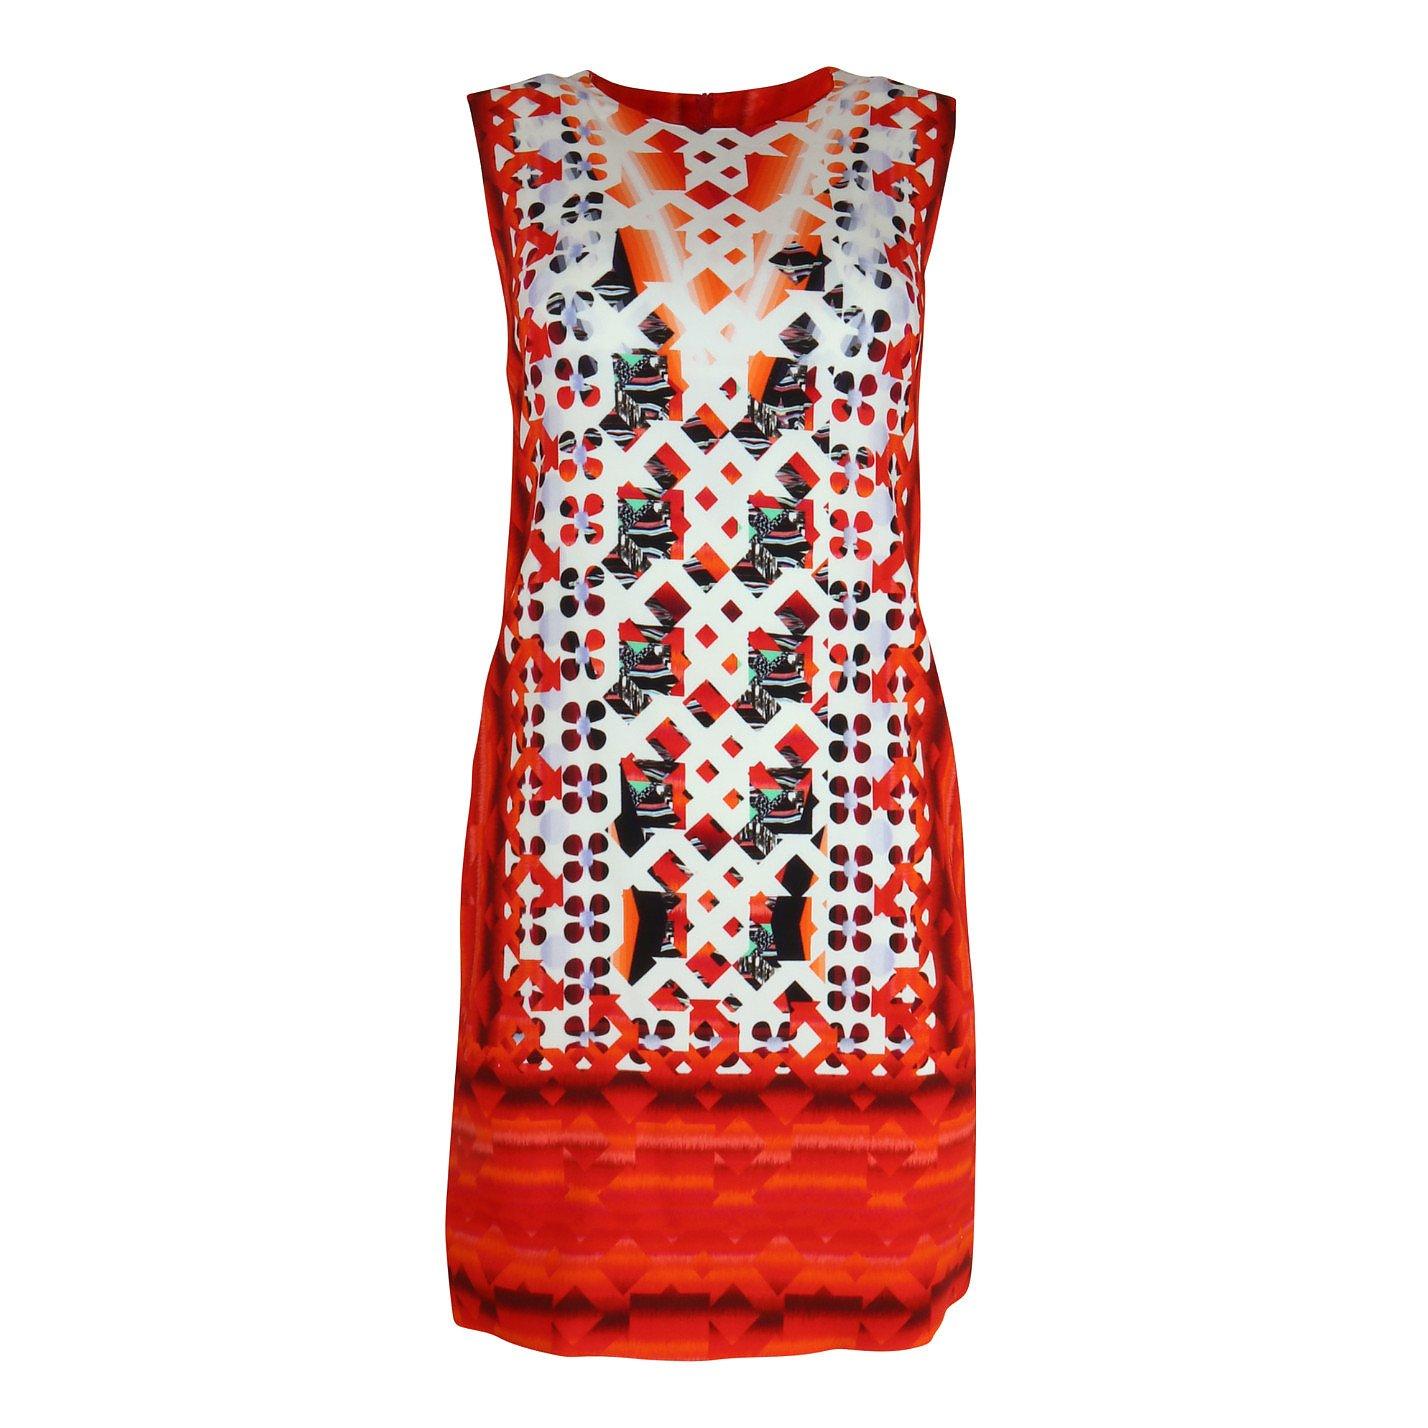 Peter Pilotto Kaleidoscopic Mini Dress